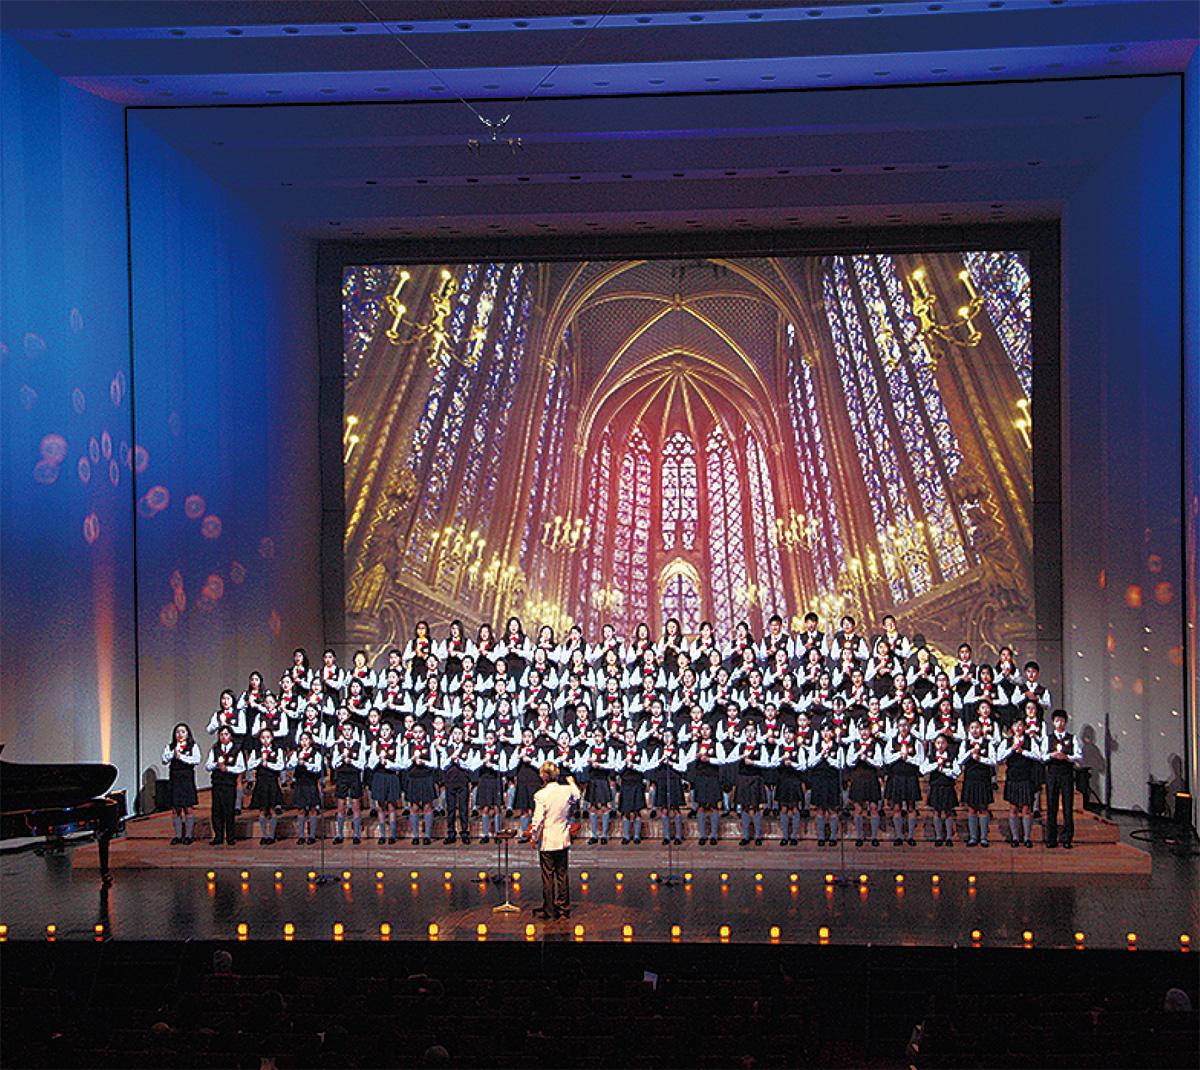 160人の歌声でクリスマス